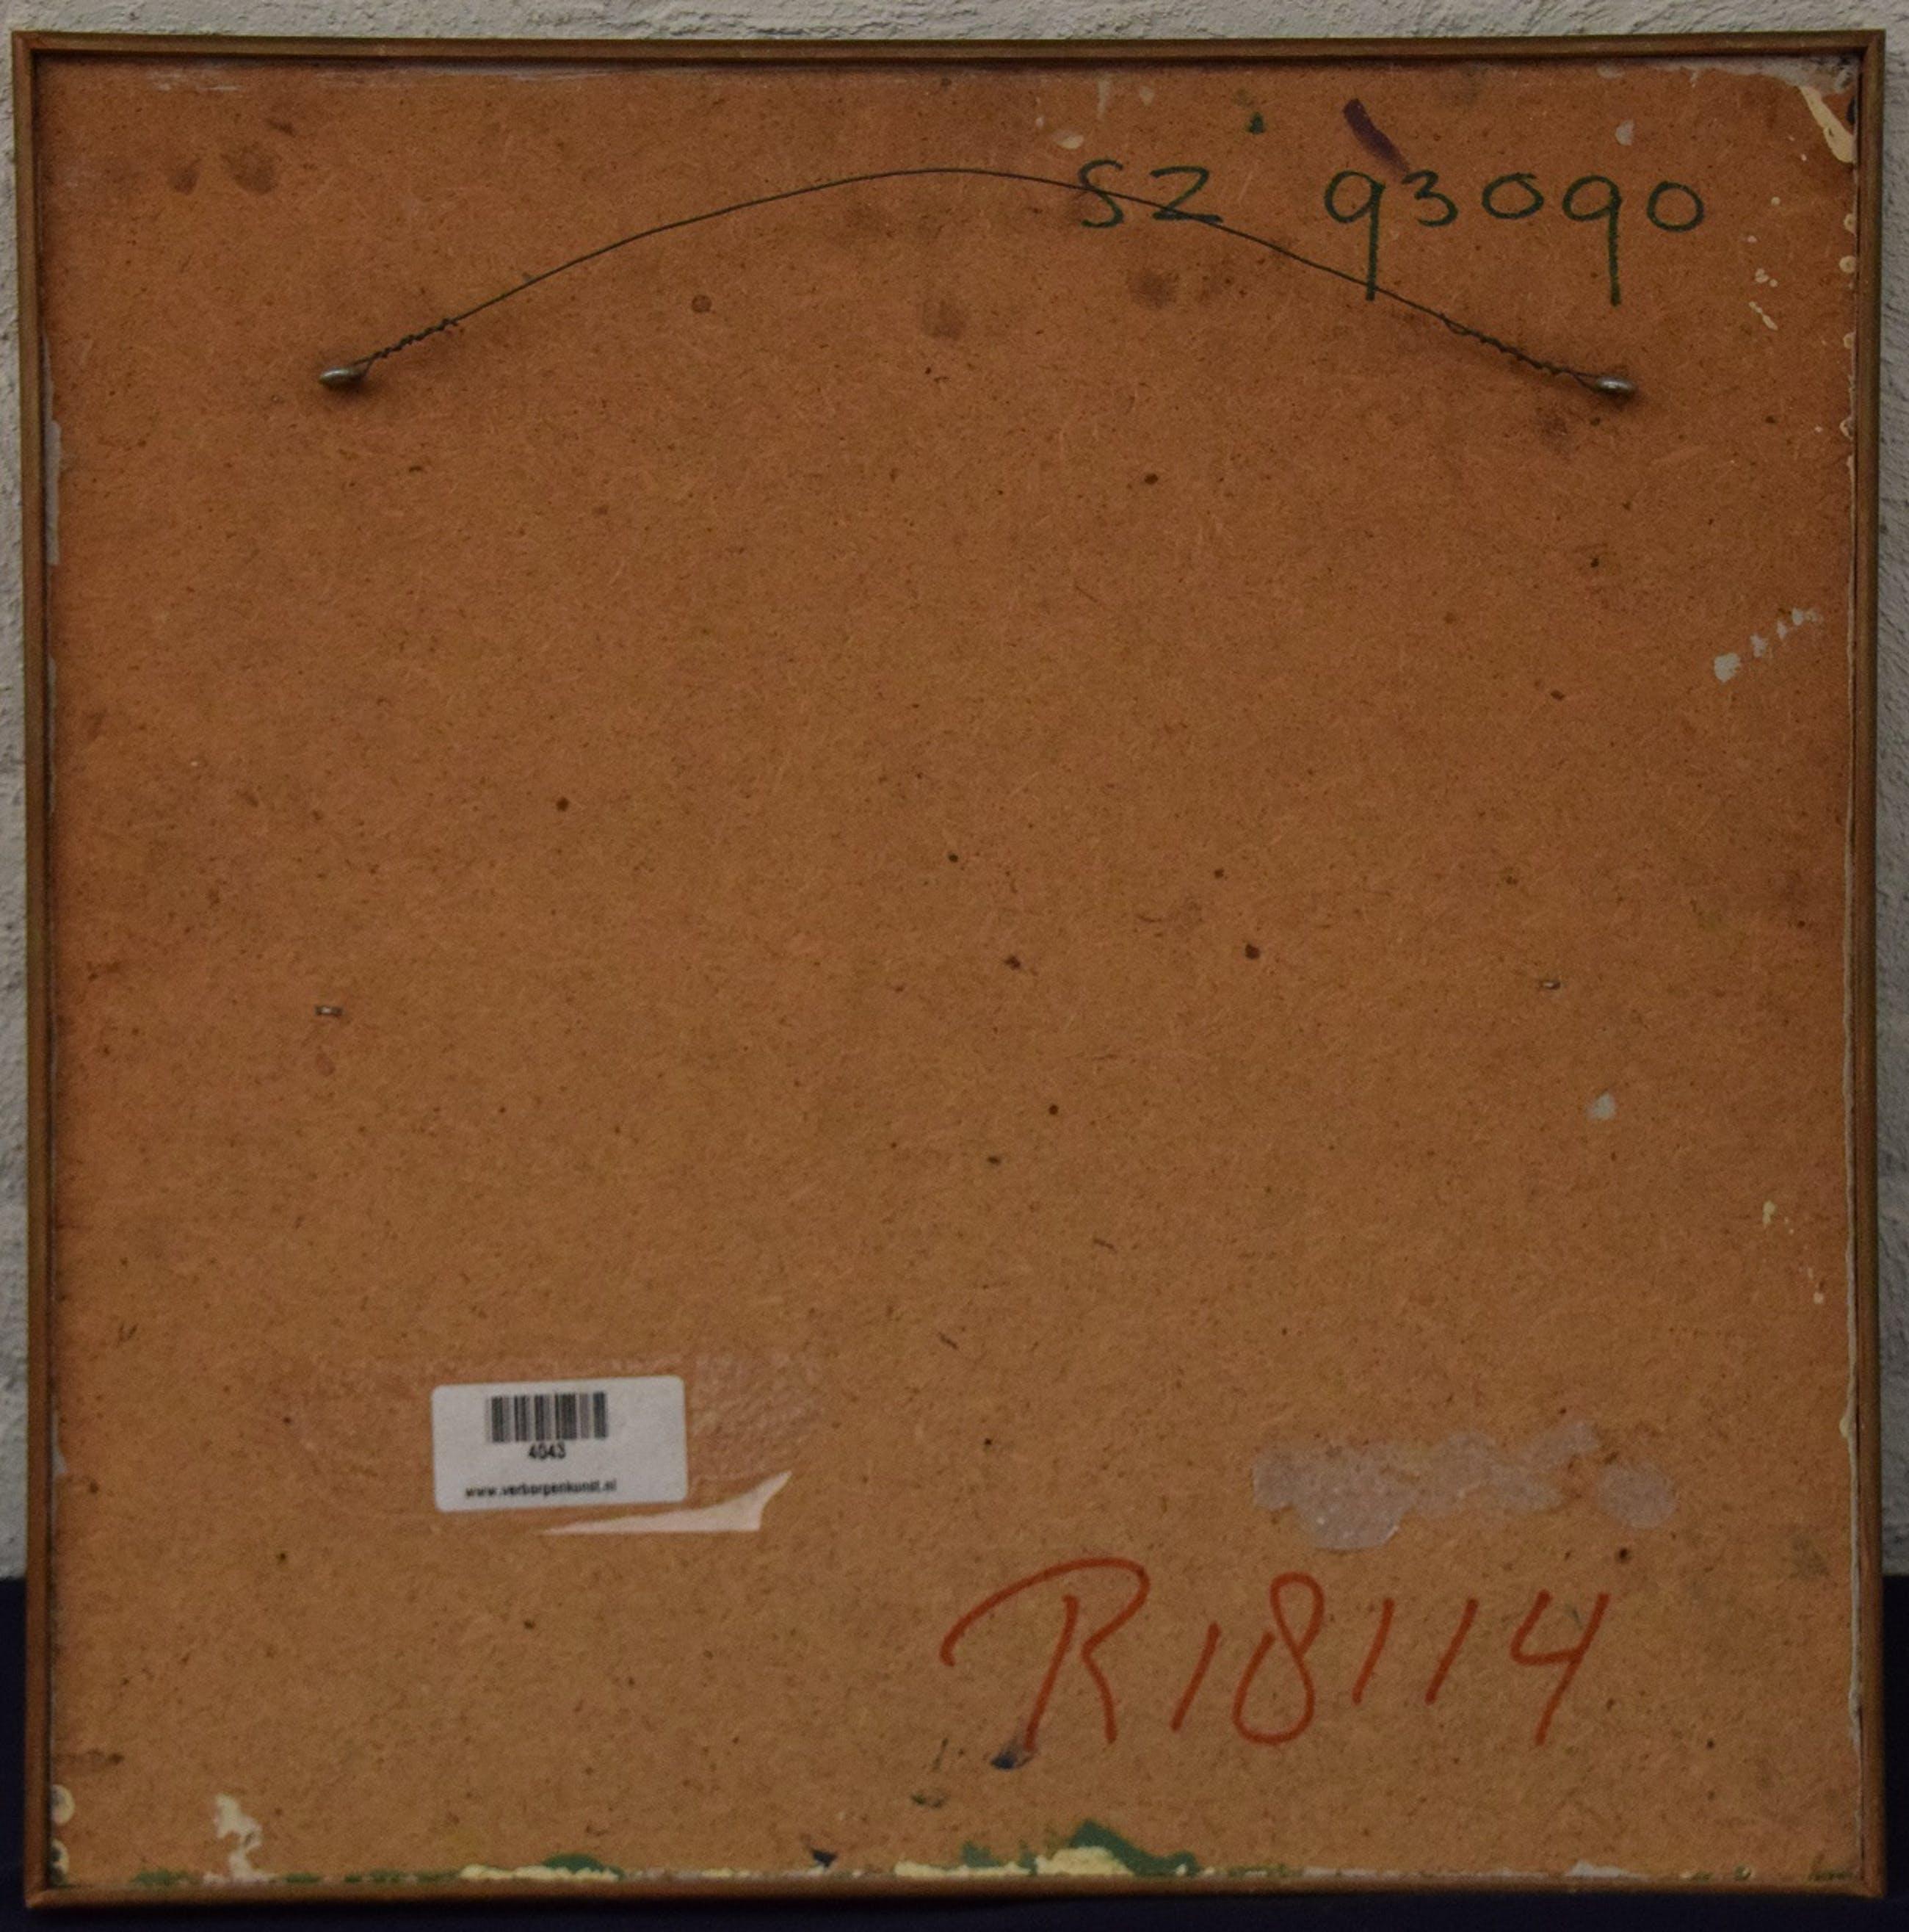 Bob Zijlmans - (geen titel/onbekend) - 1950/1960 - olieverf op vezelplaat kopen? Bied vanaf 20!